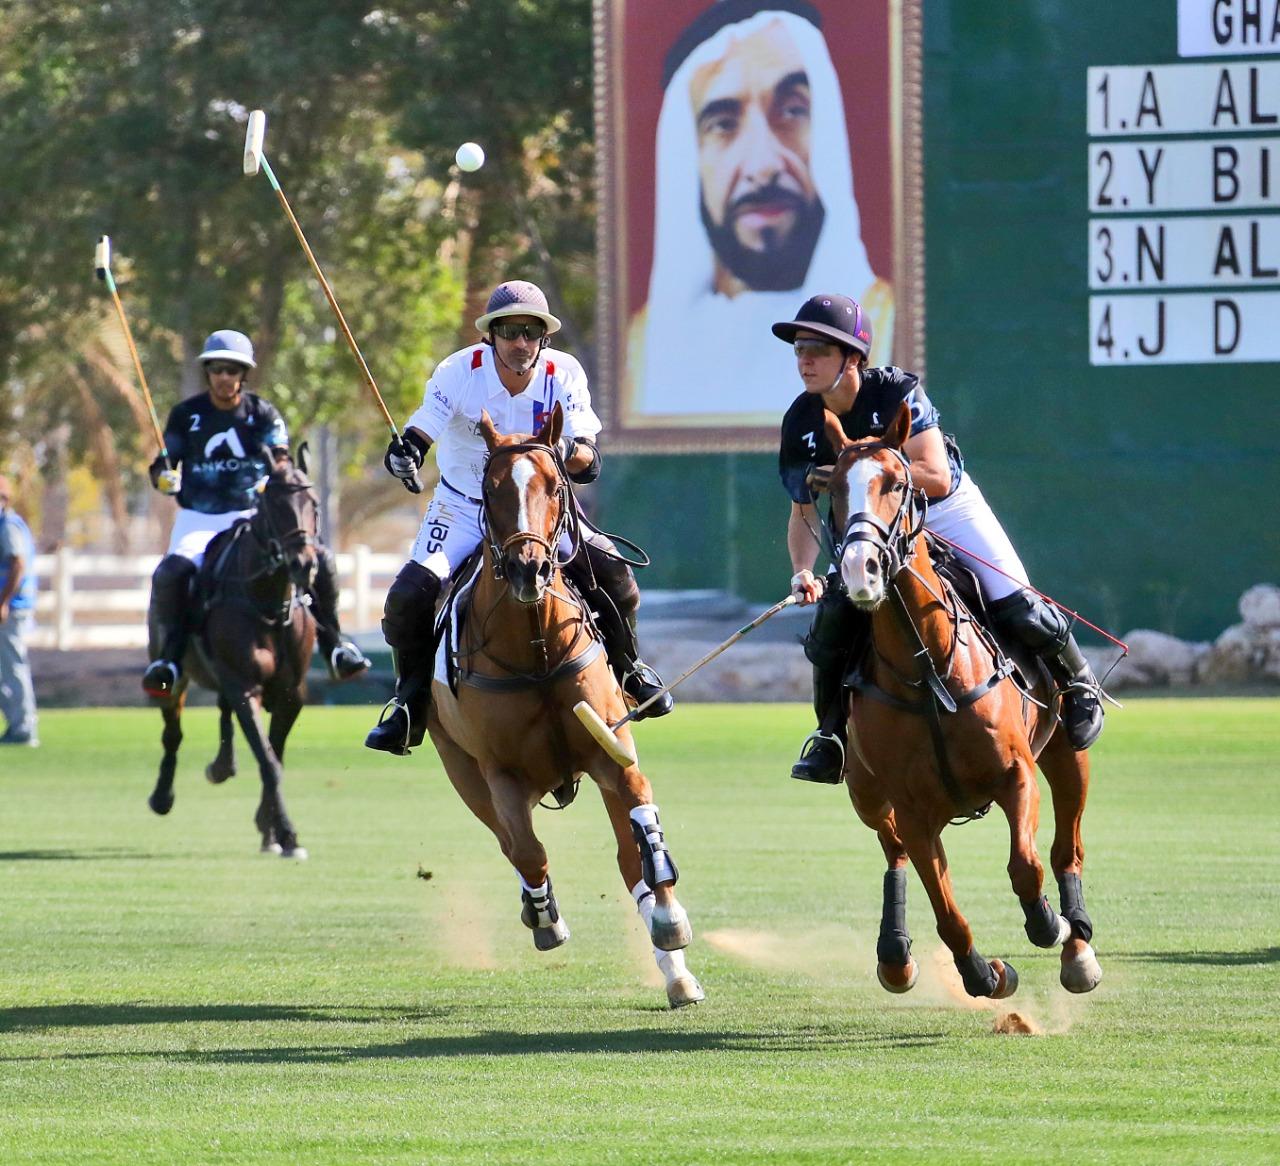 أنكورا و را نون و أبوظبي في صدارة الجولة الأولى من كأس سلطان بن زايد للبولو